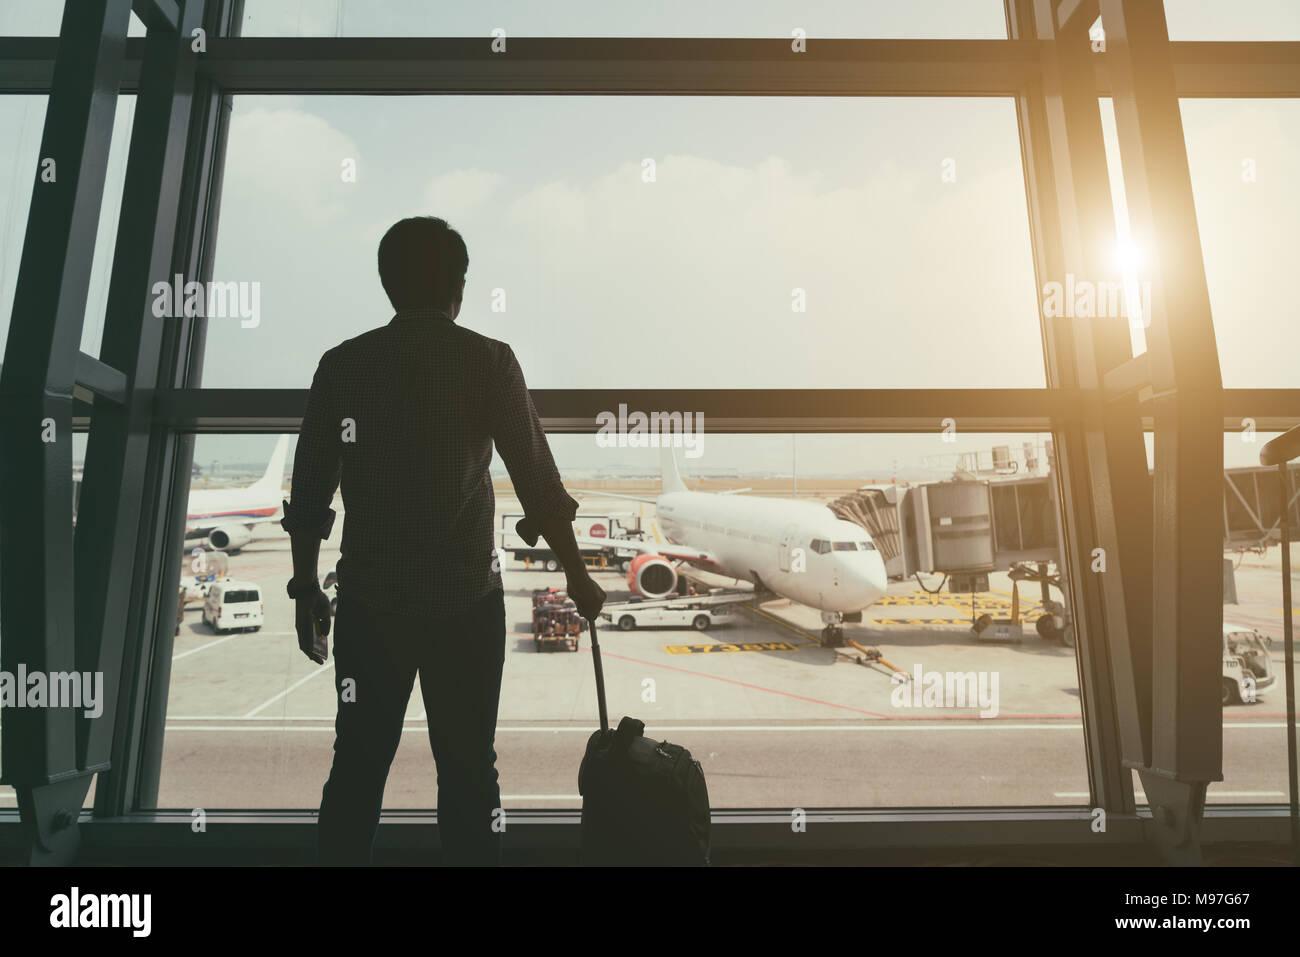 La face arrière de la meilleur garçon en termainal à l'aéroport à la recherche de l'avion en vol au-dessus de l'aéroport, et voyage vie vacances concept Photo Stock